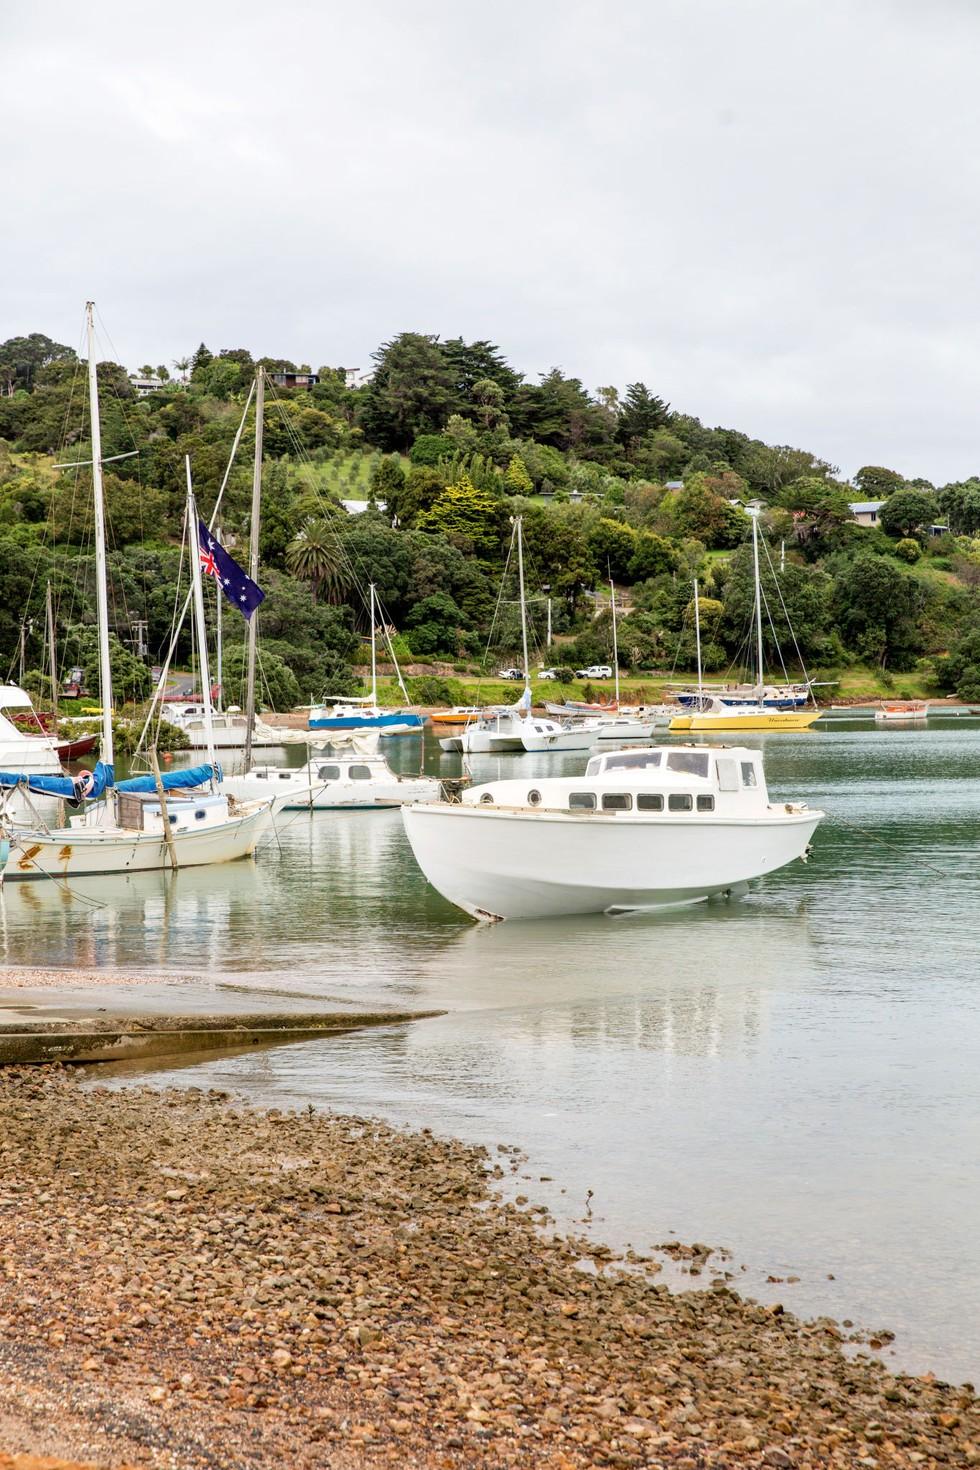 A boat-filled harbor on Waiheke Island